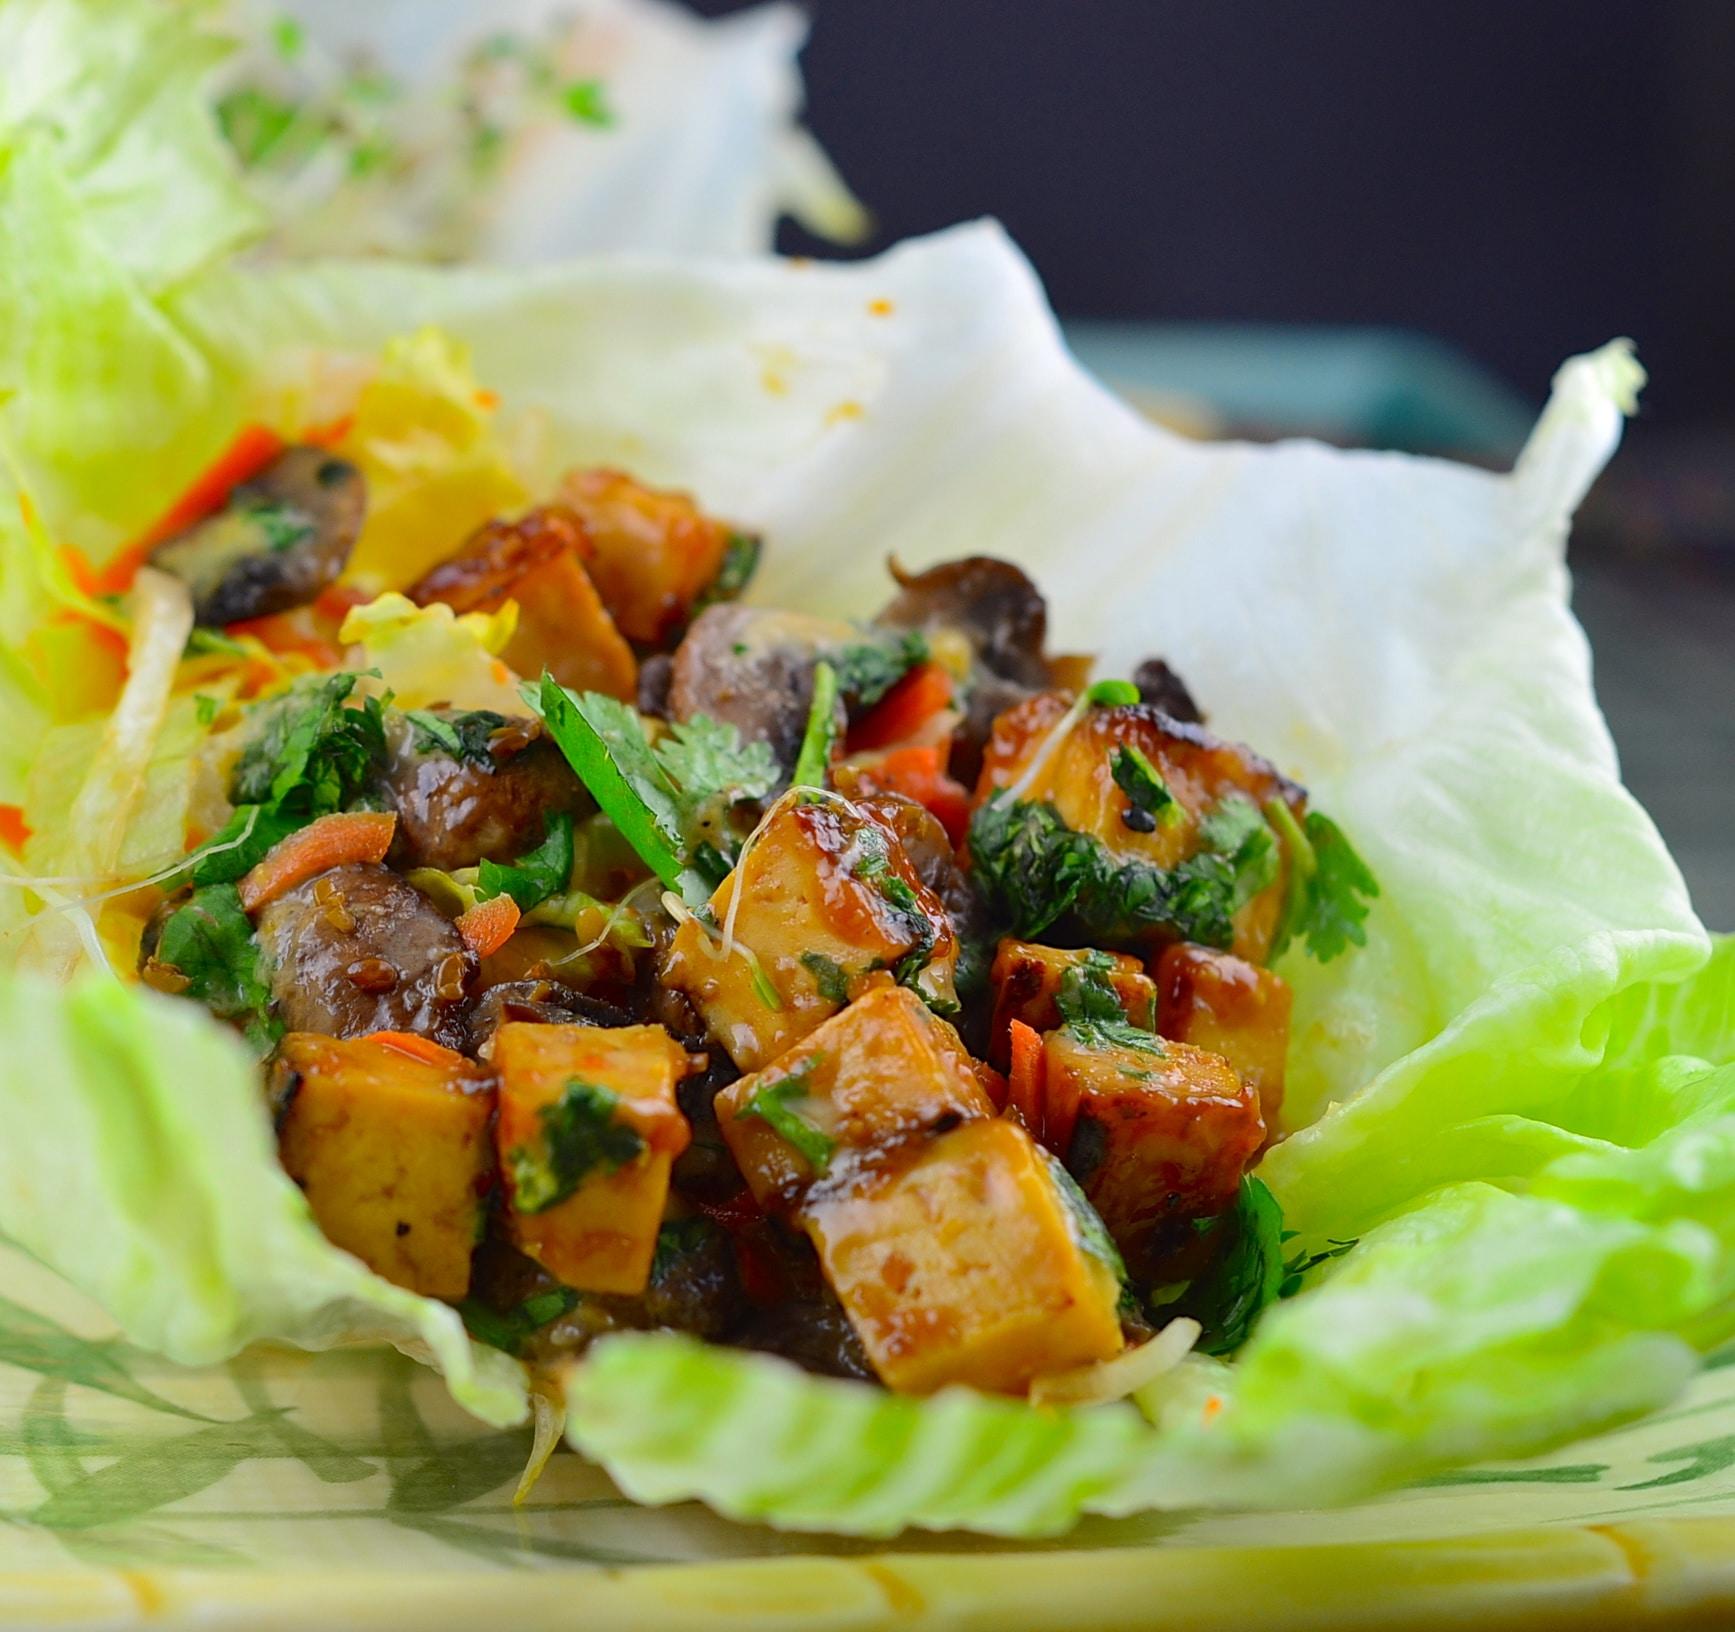 Vegan Thai Lettuce Cups with Peanut Sauce